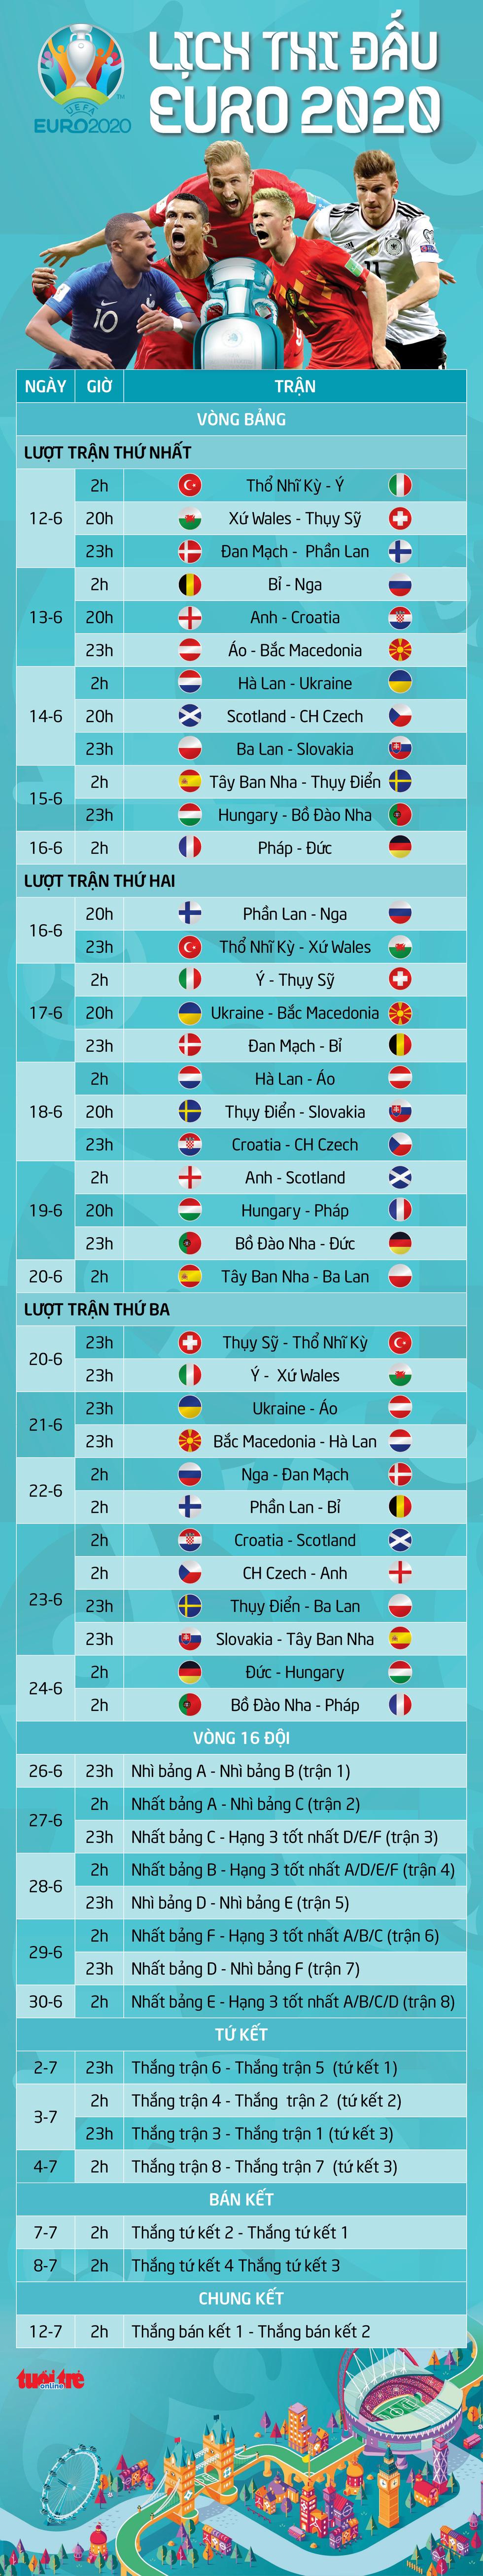 Lịch thi đấu 51 trận tại vòng chung kết Euro 2020 - Ảnh 1.